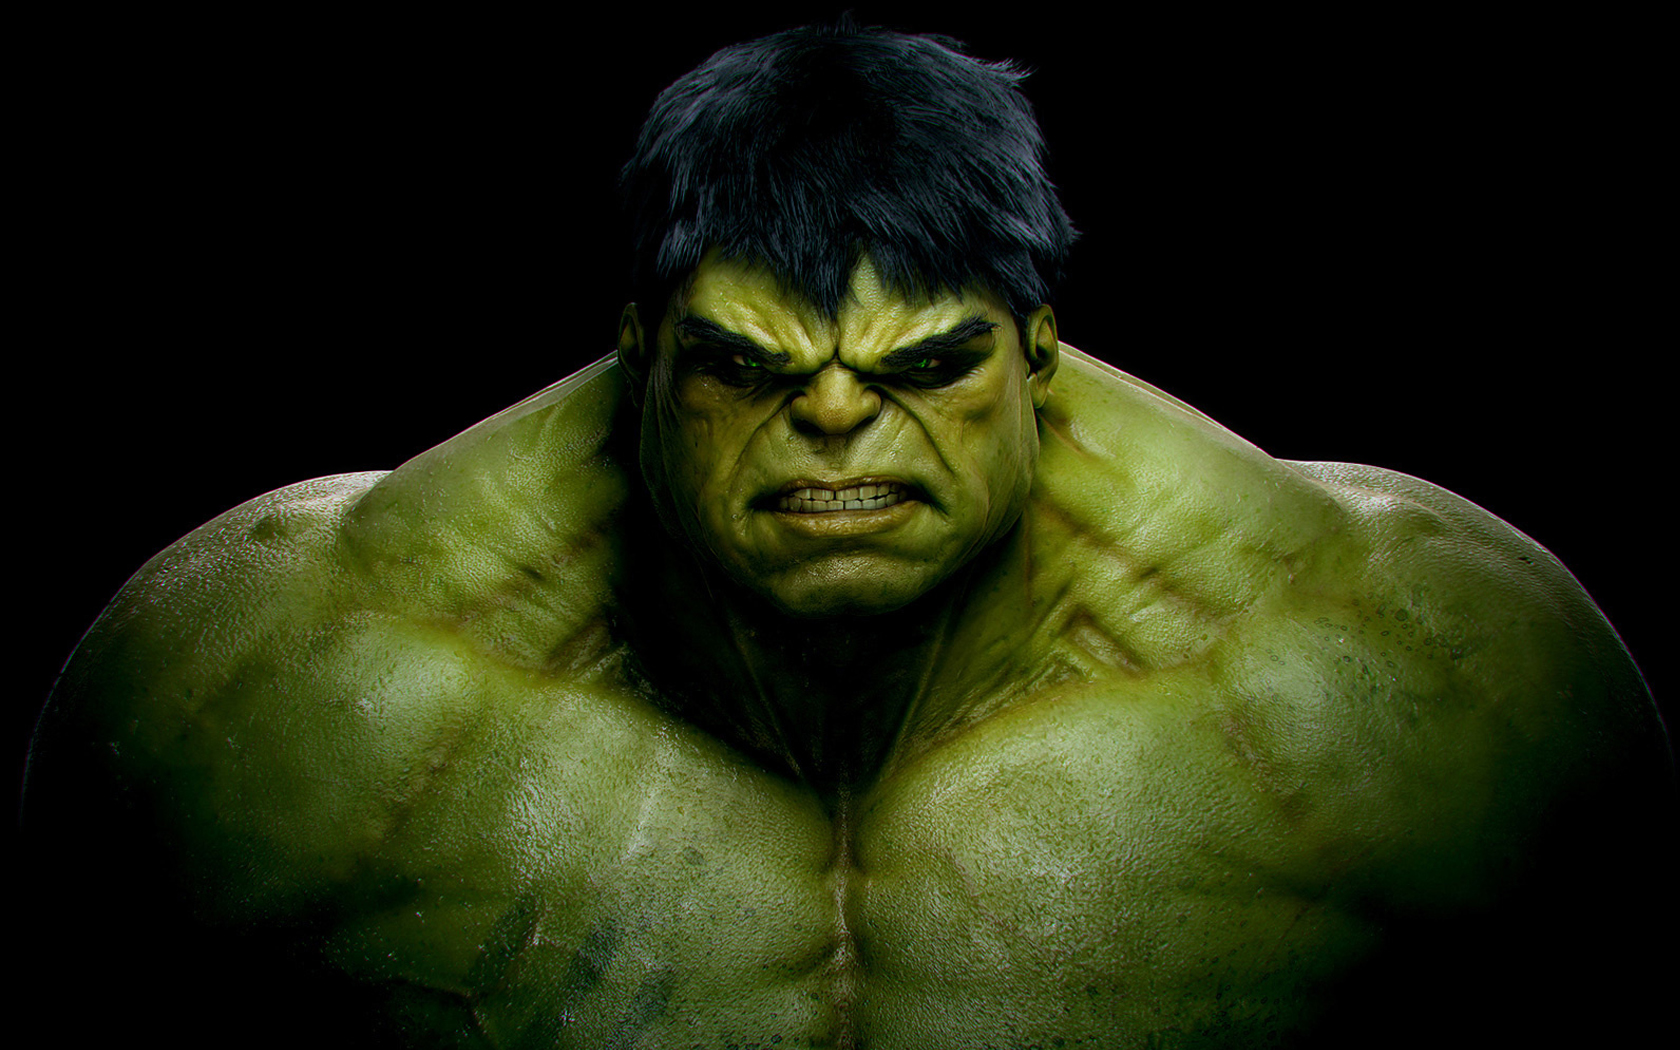 Hulk muy enfadado - 1680x1050